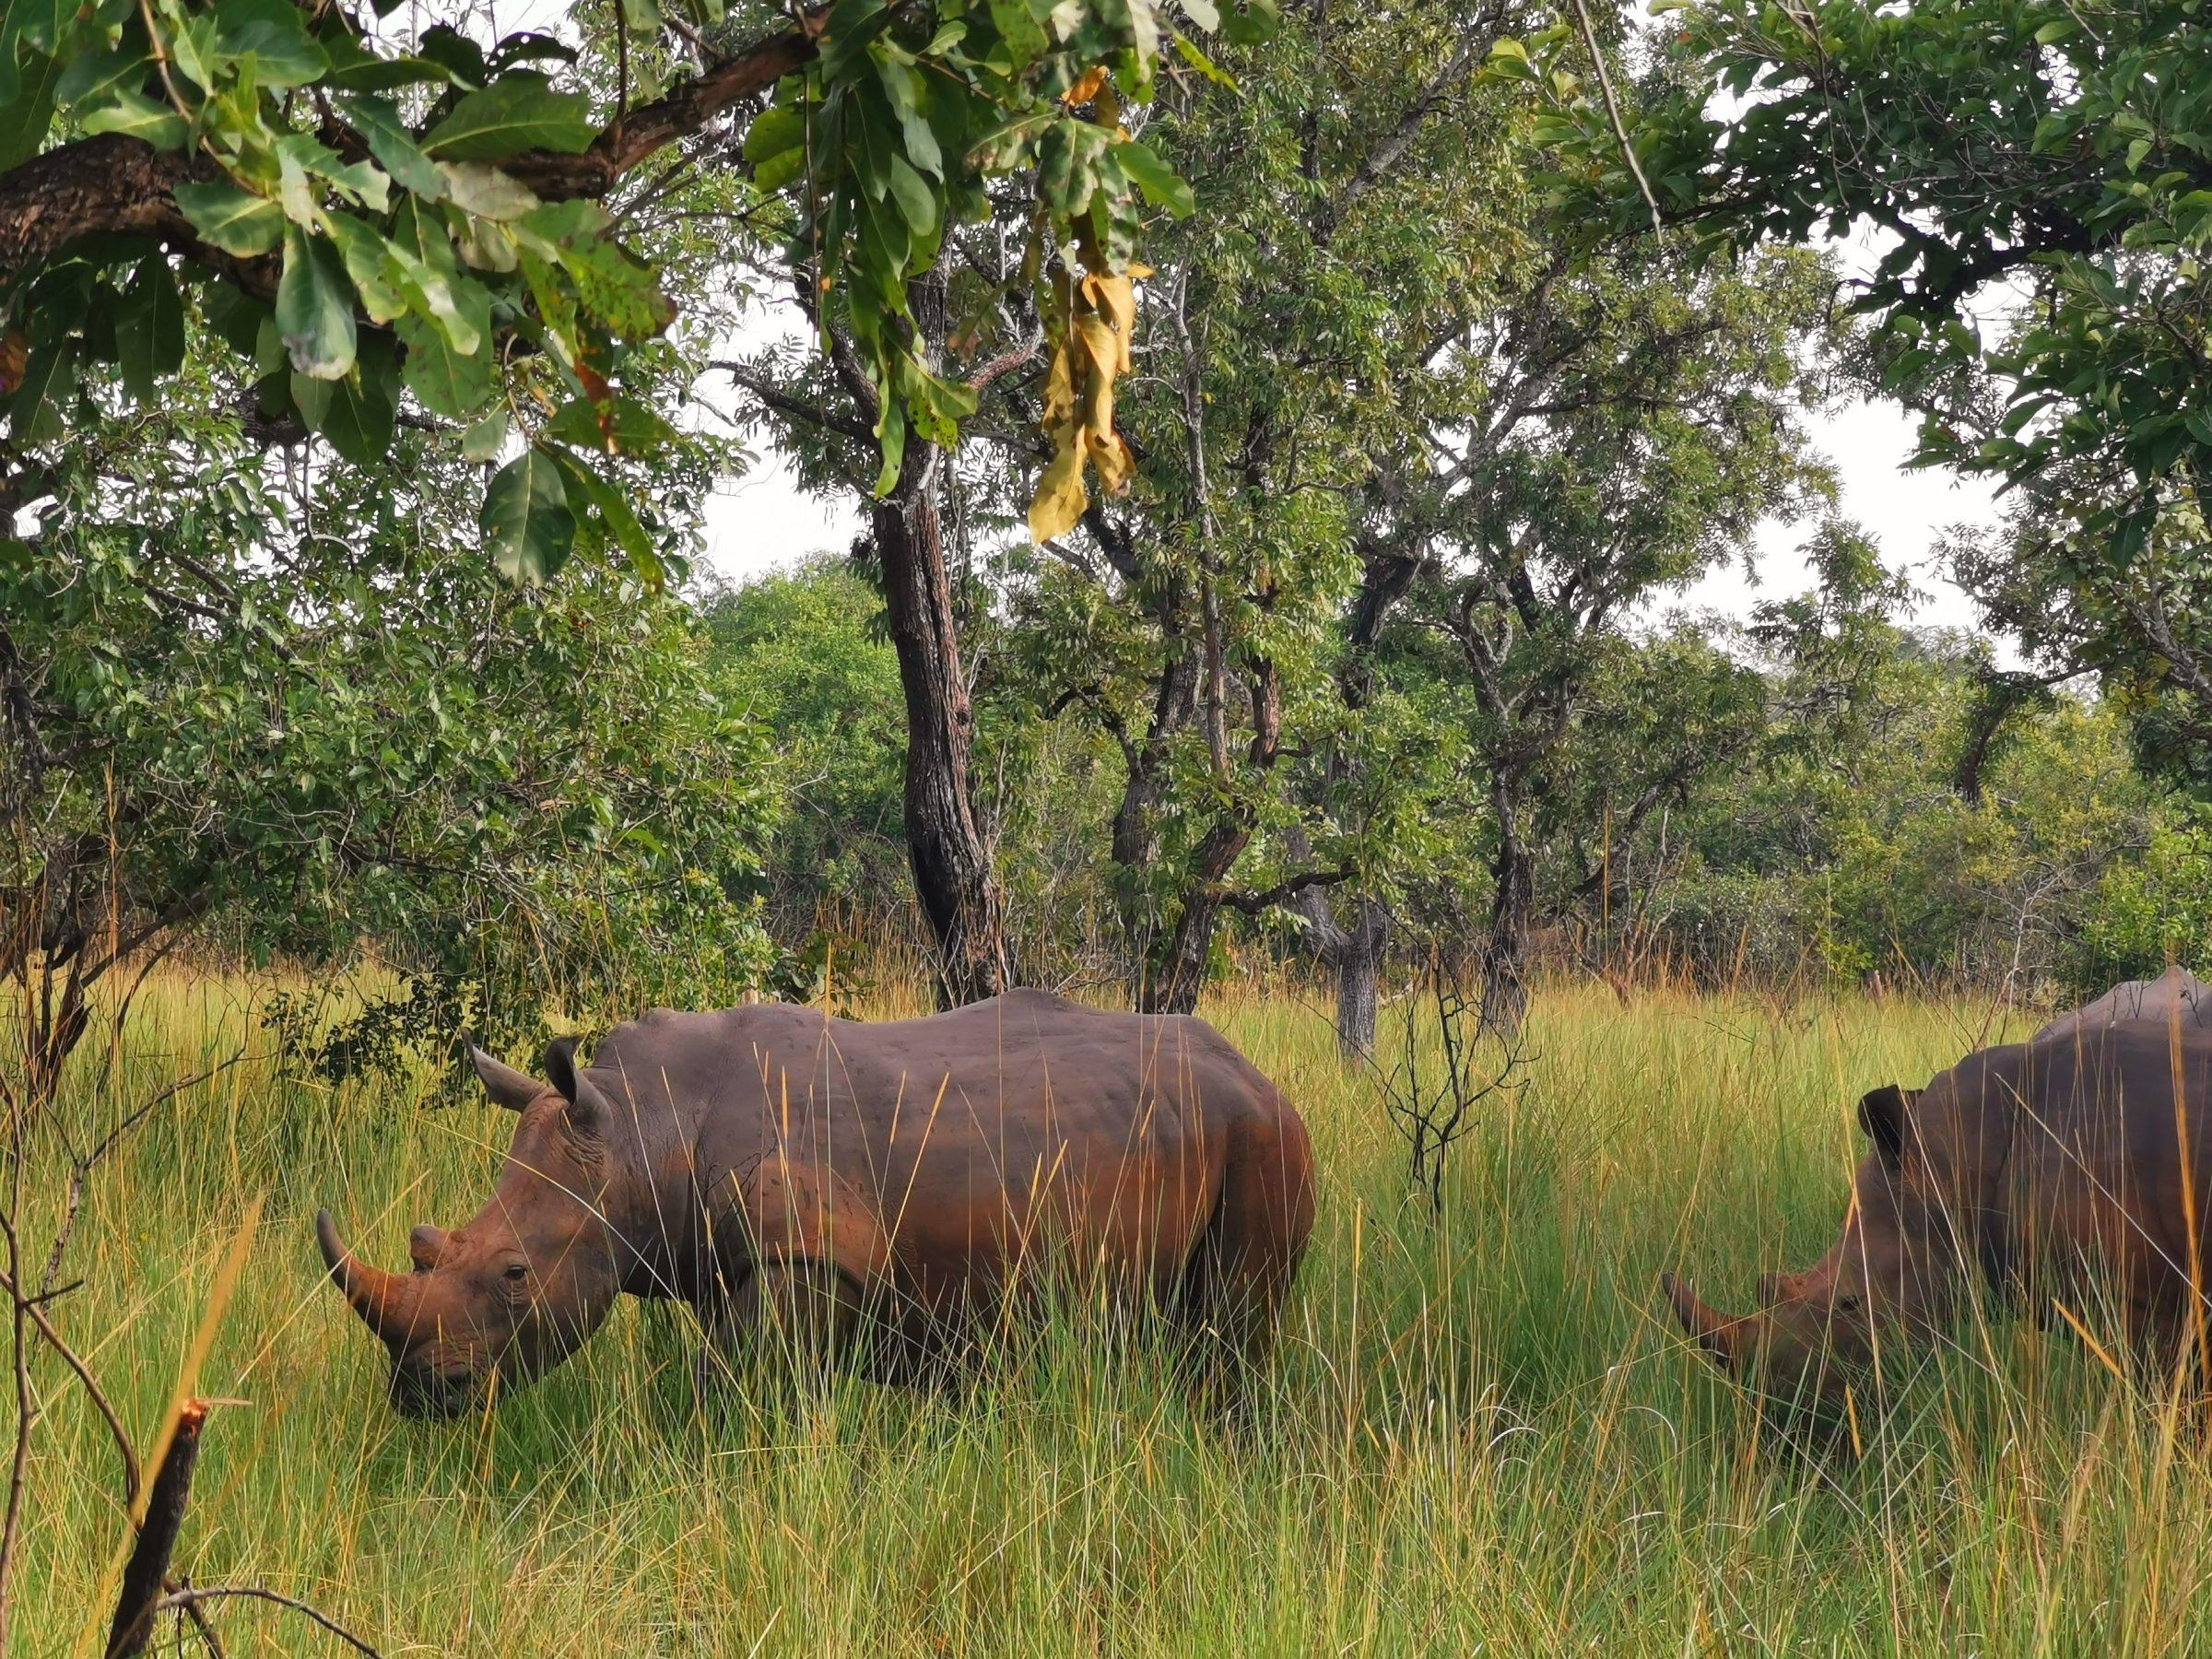 Neushoorns bij Ziwa Rhino Sanctuary